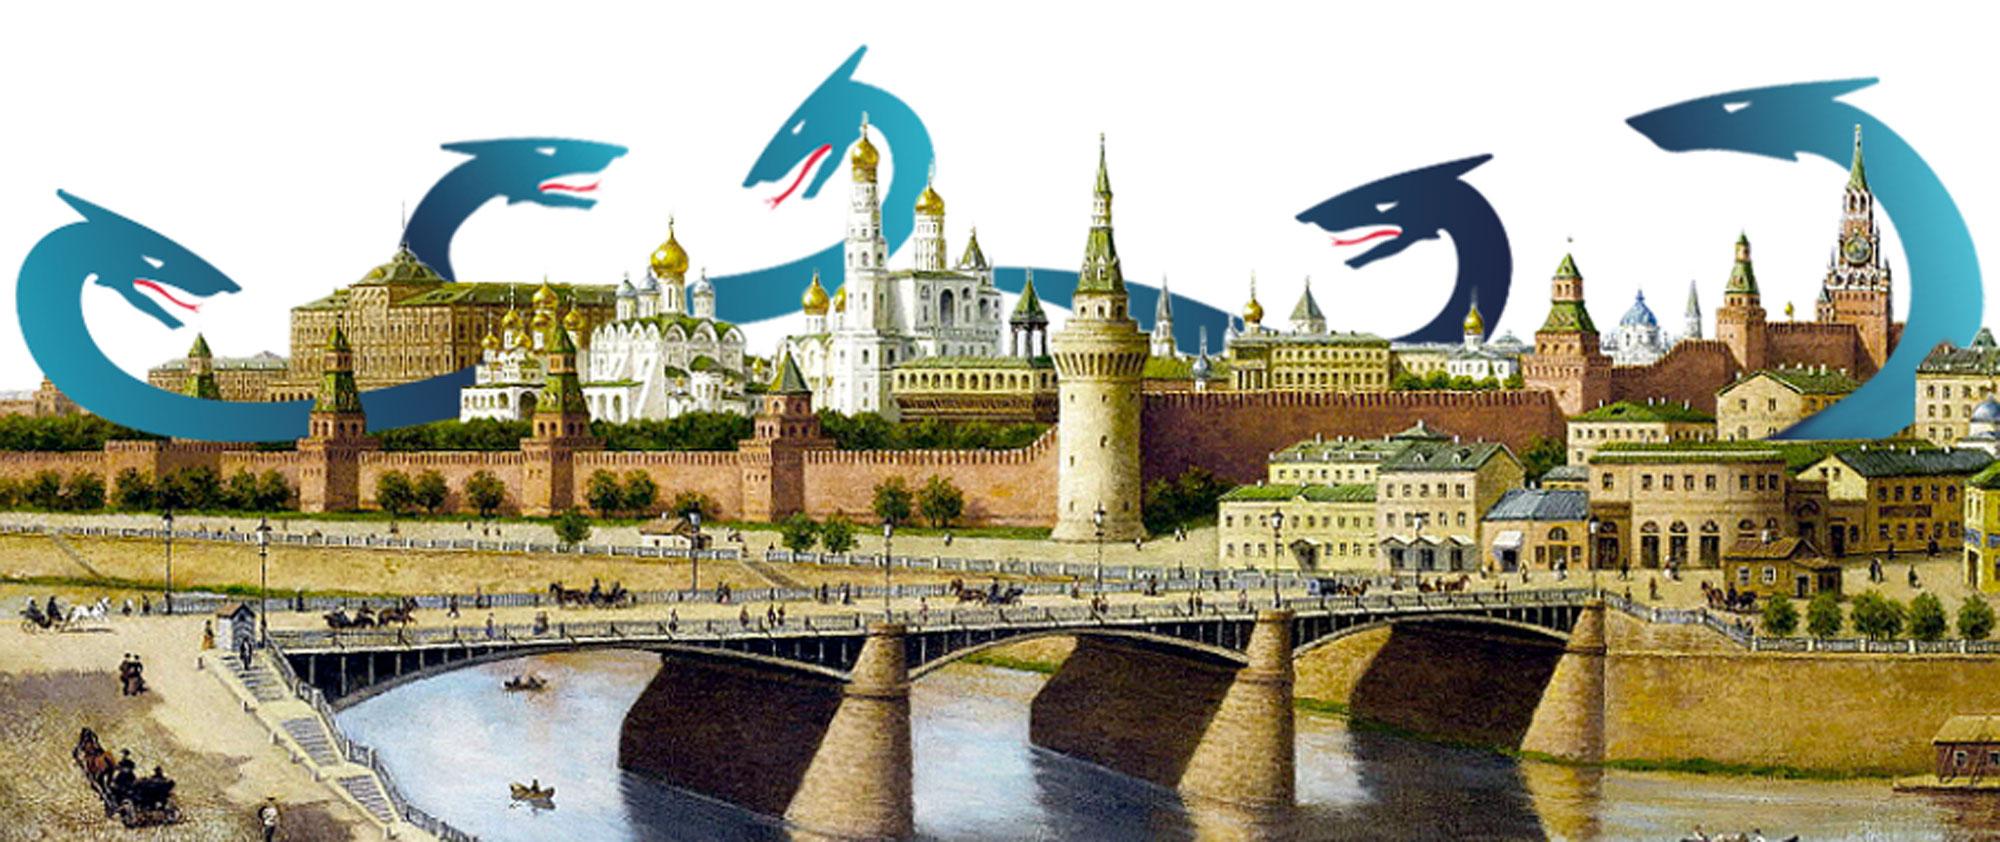 Башни Кремля в объятьях гидры: конференция о параллельных и распределённых вычислениях Hydra 2020 в Москве - 1